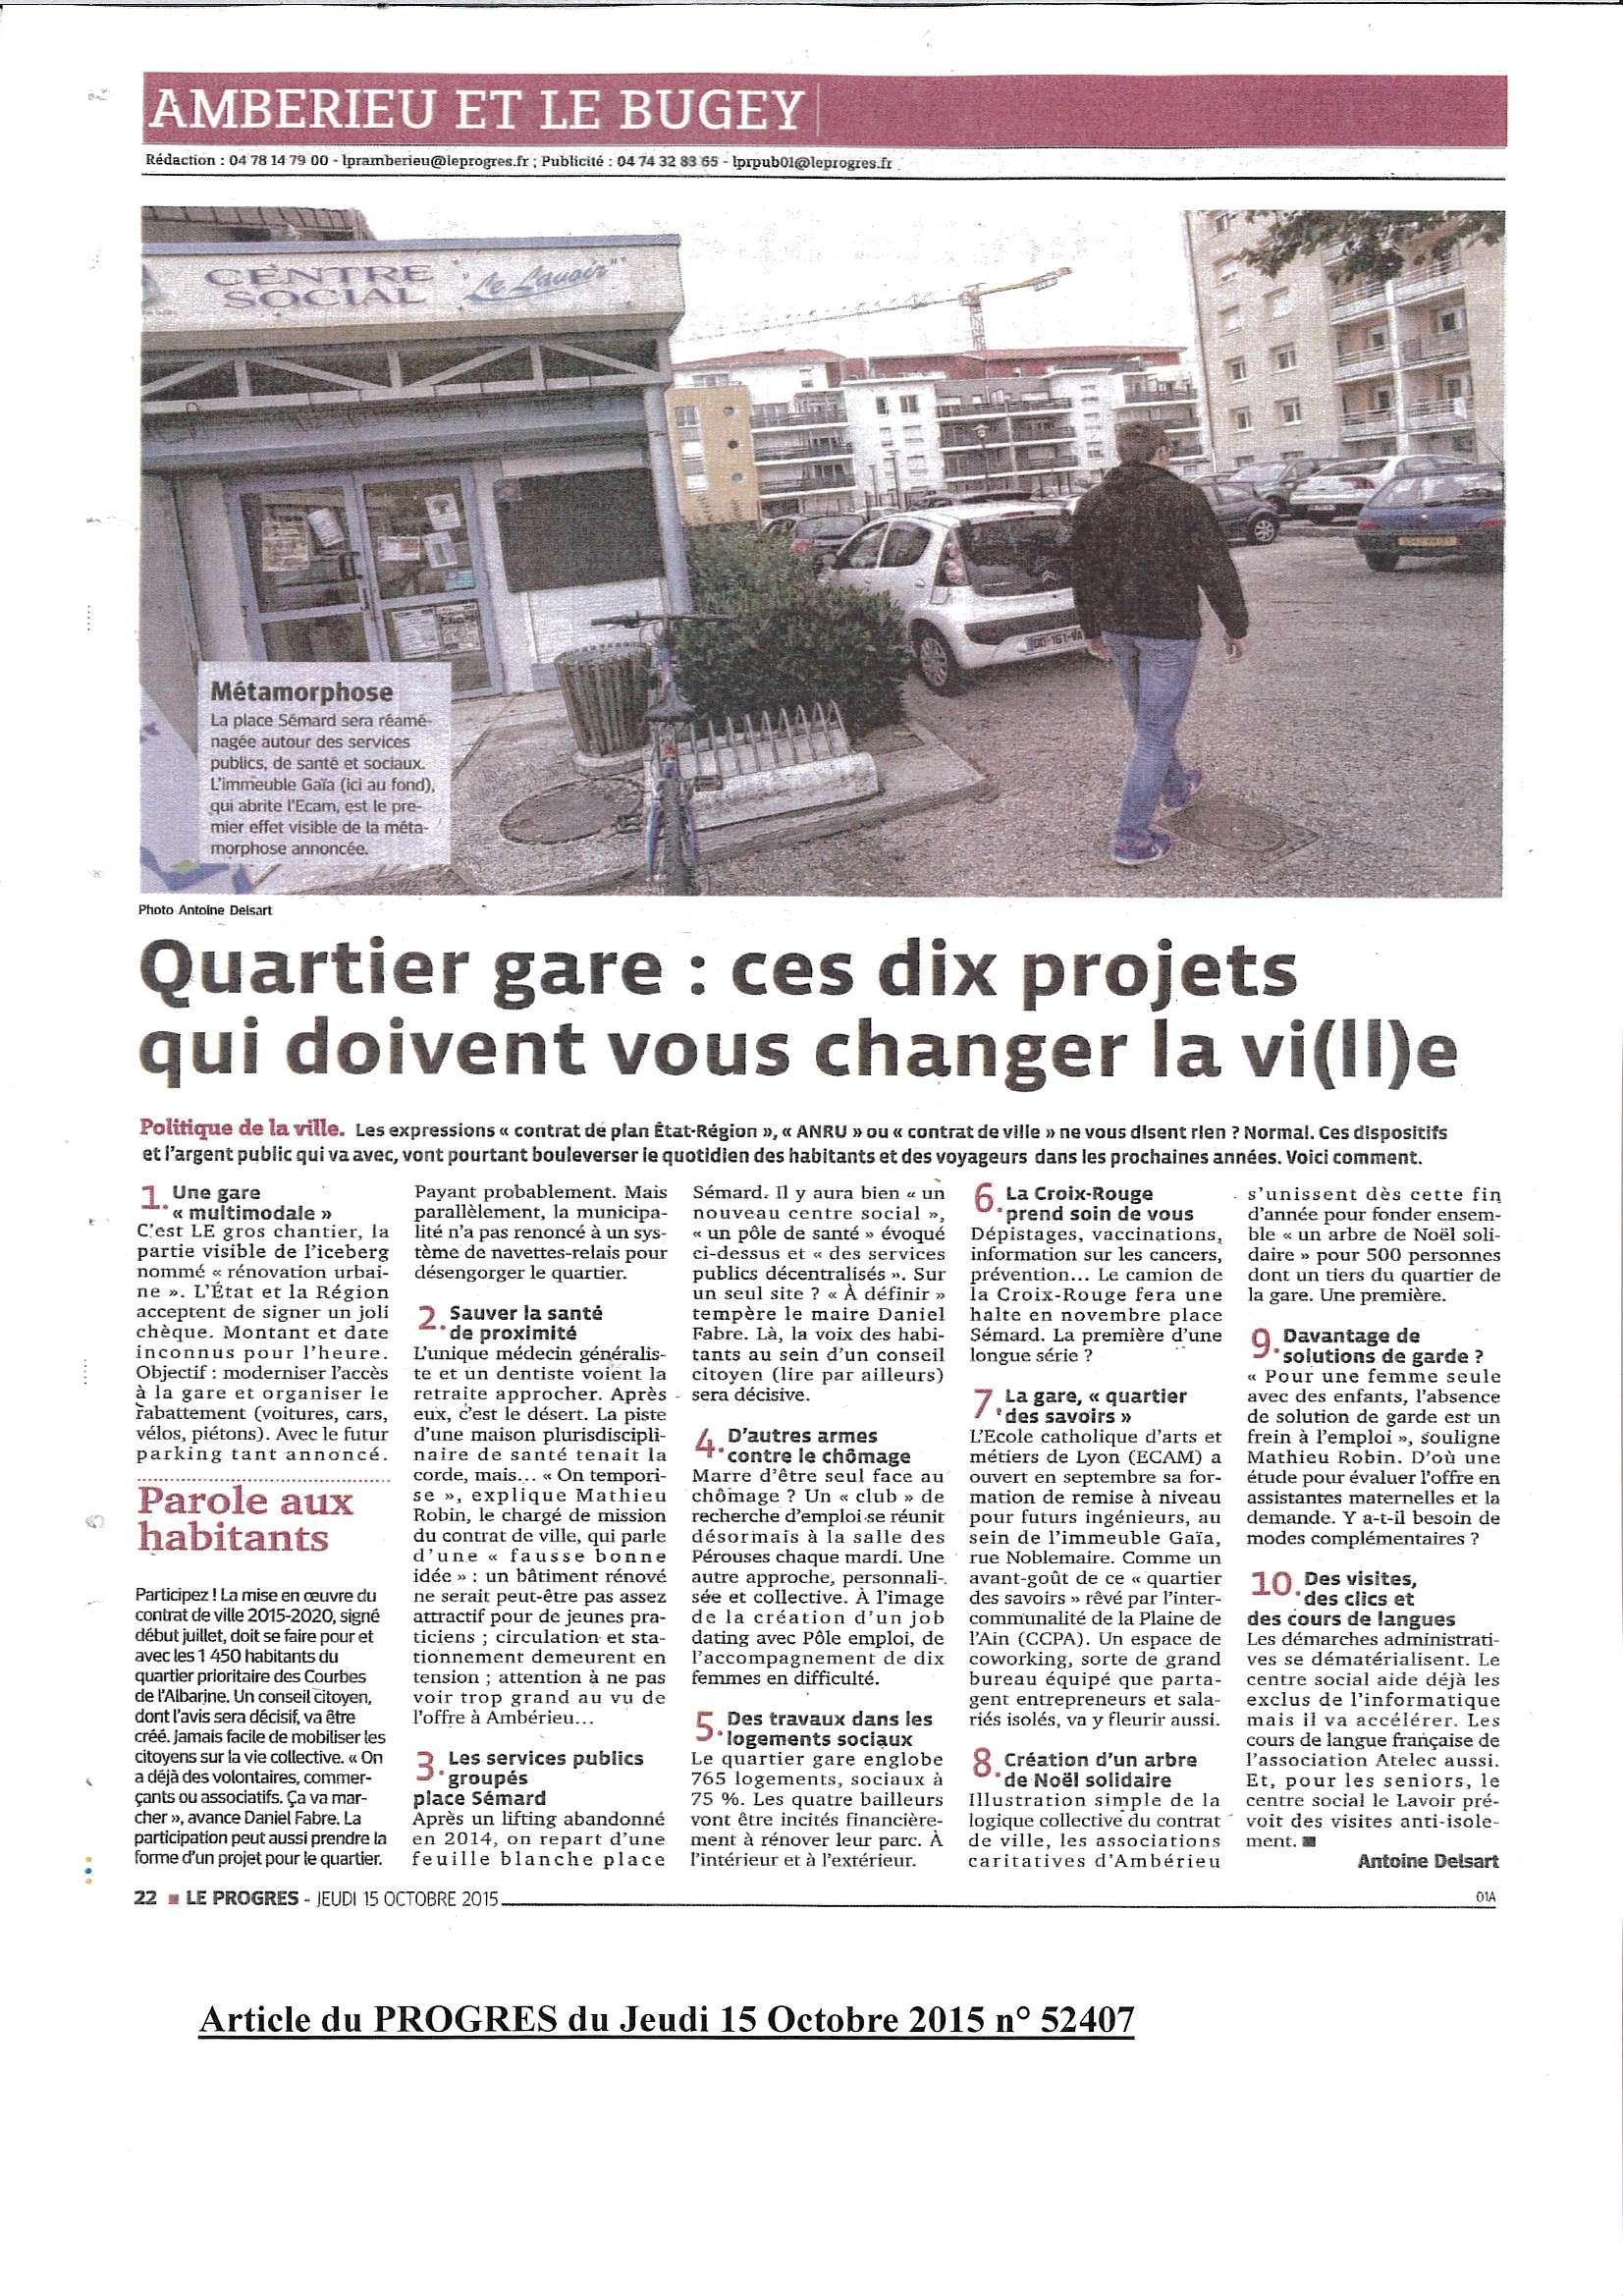 Quartier gare ces dix projets qui doivent changer la ville article du 15 octobre